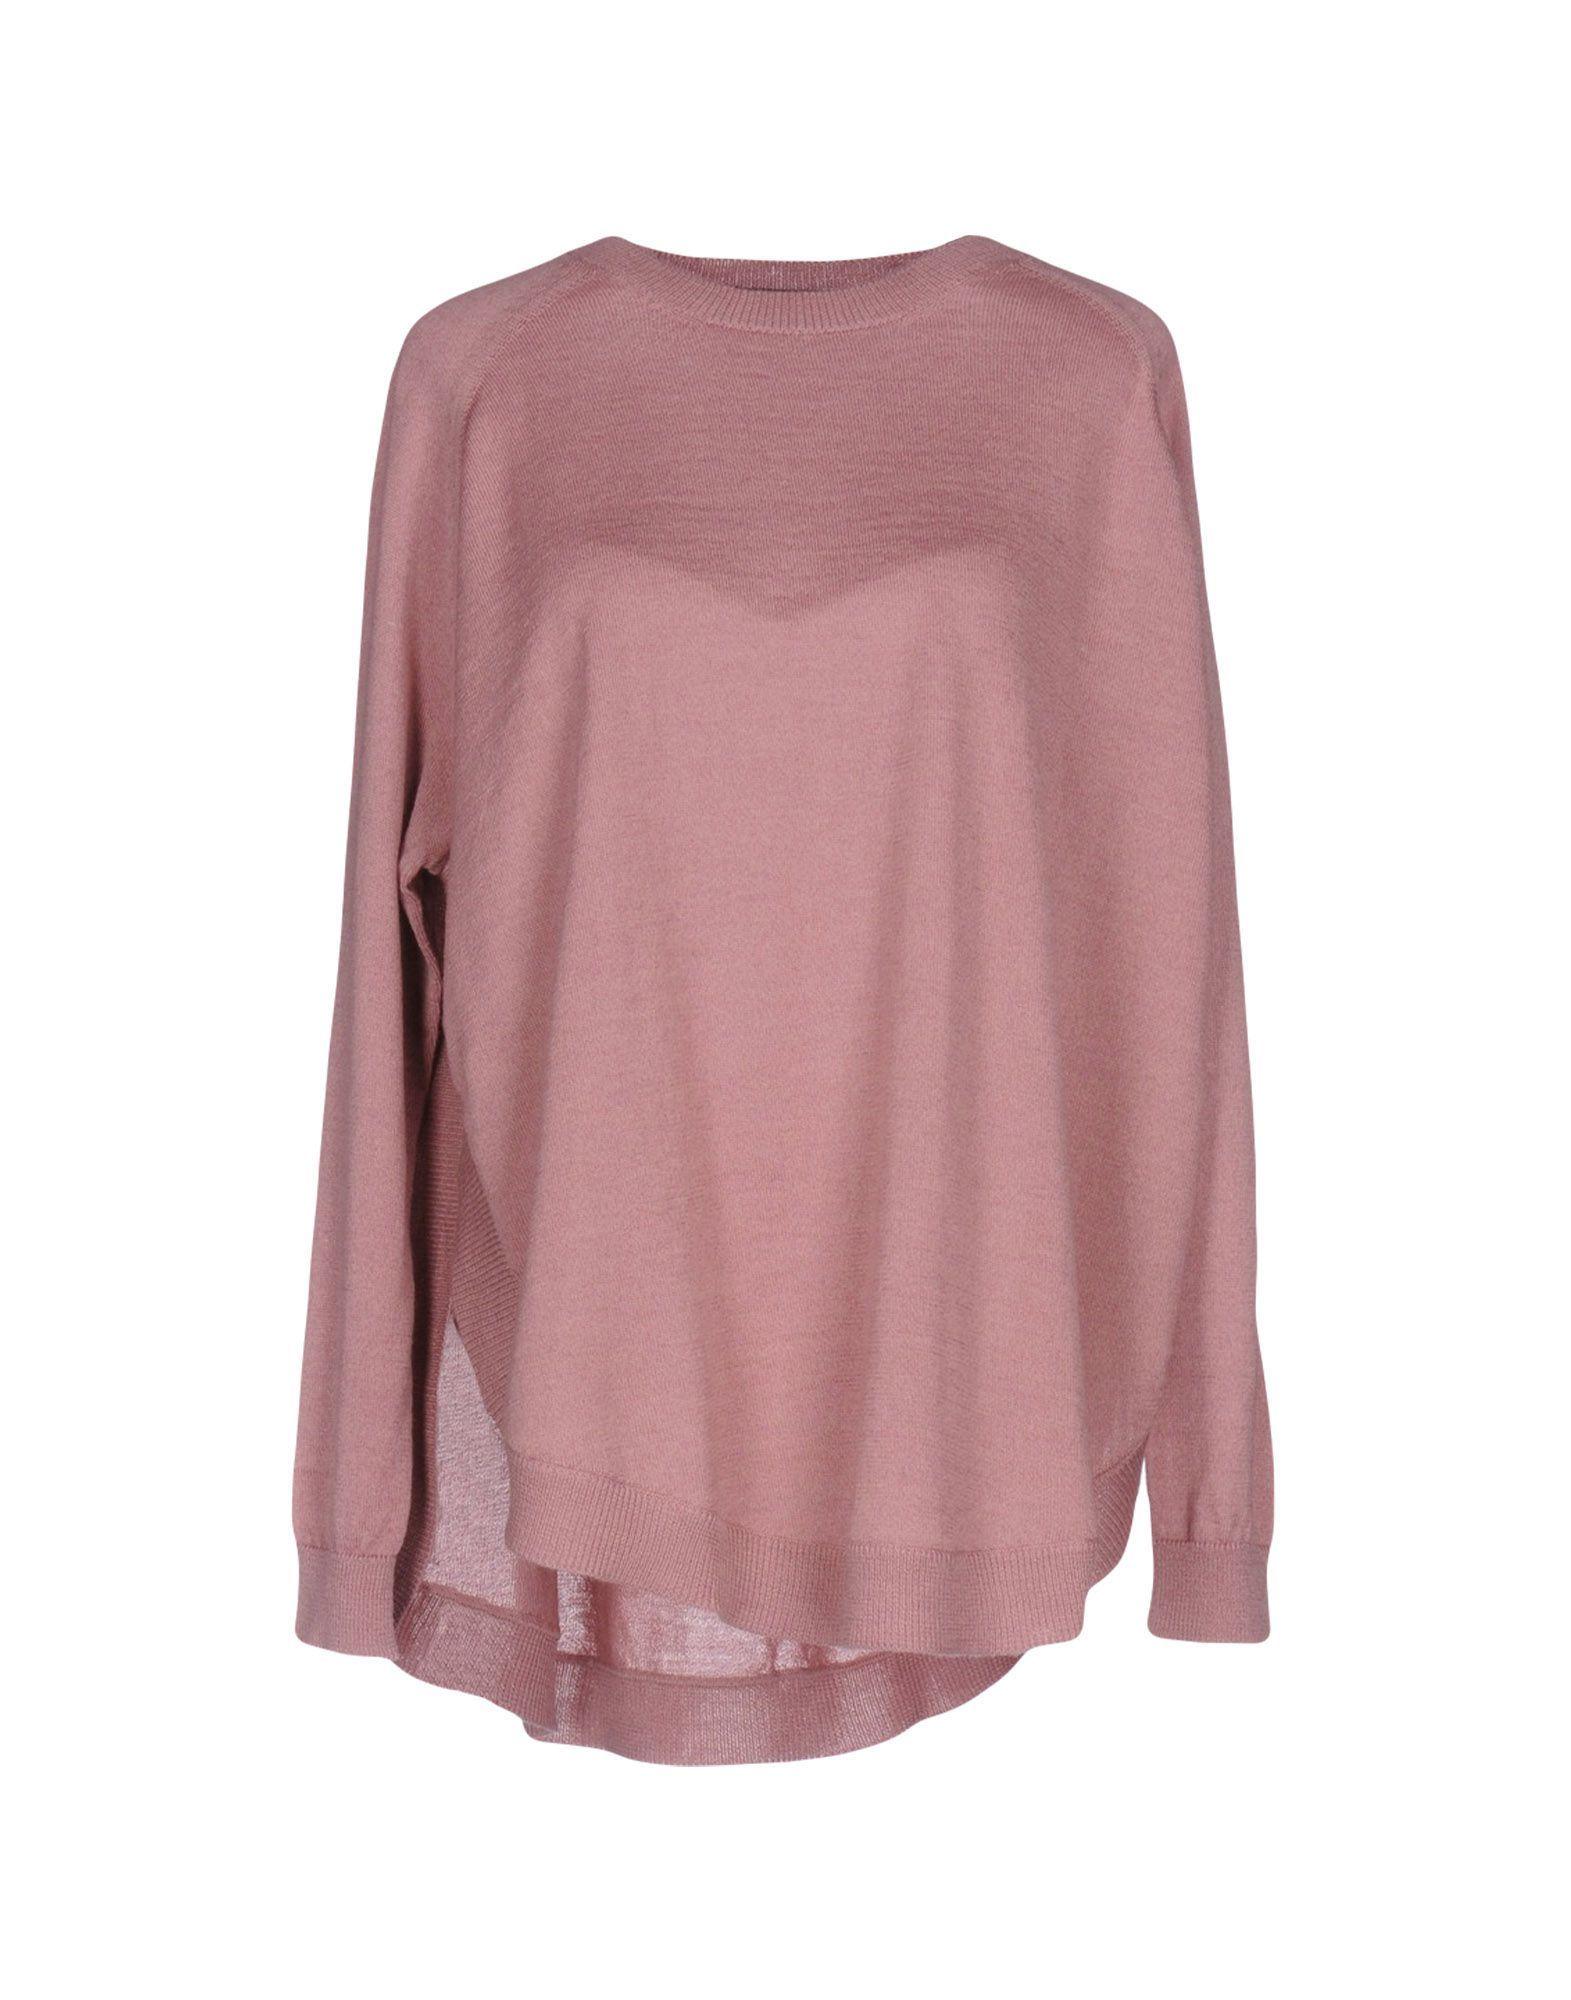 KNITWEAR Roberto Collina Pastel pink Woman Merinos Wool